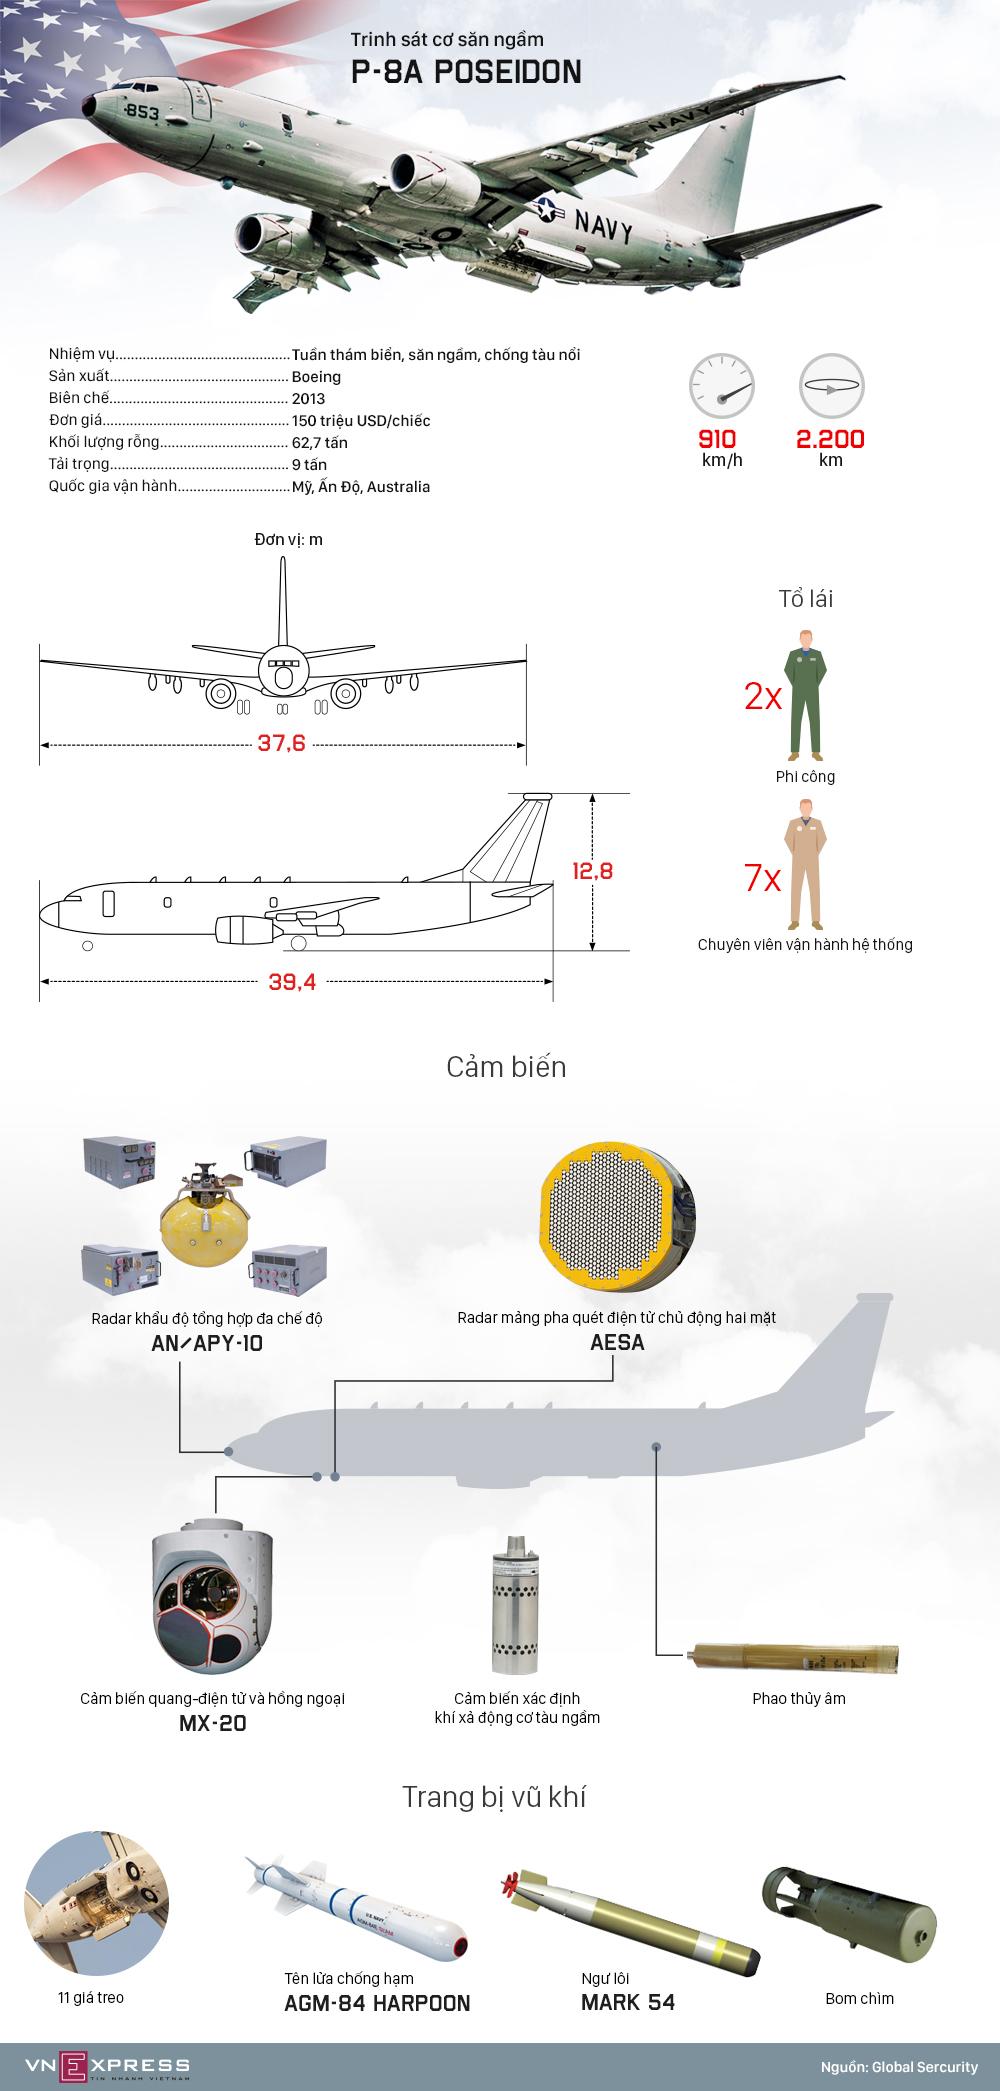 Uy lực máy bay săn ngầm 'Thần biển' của hải quân Mỹ